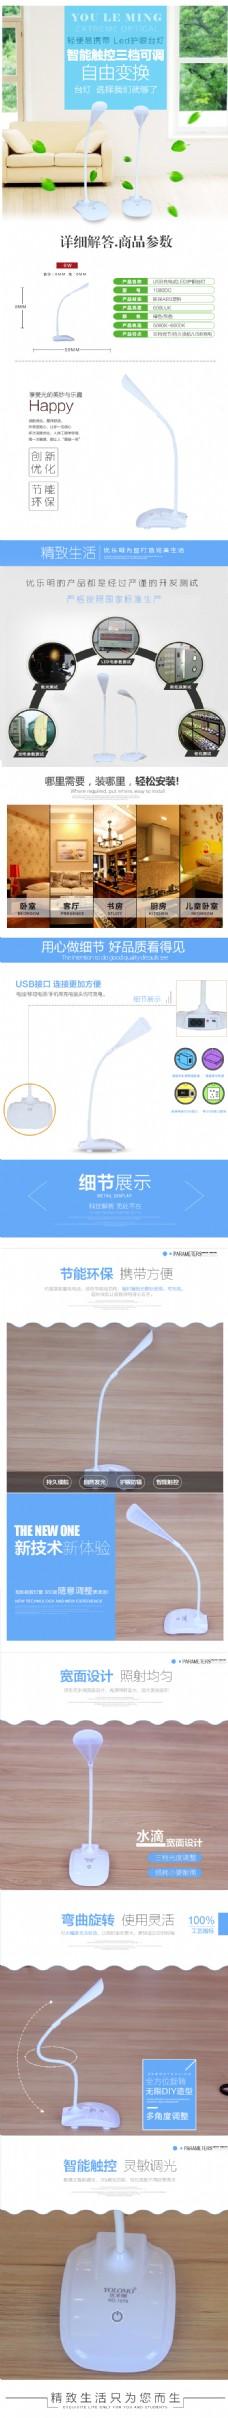 LED软管台灯详情页